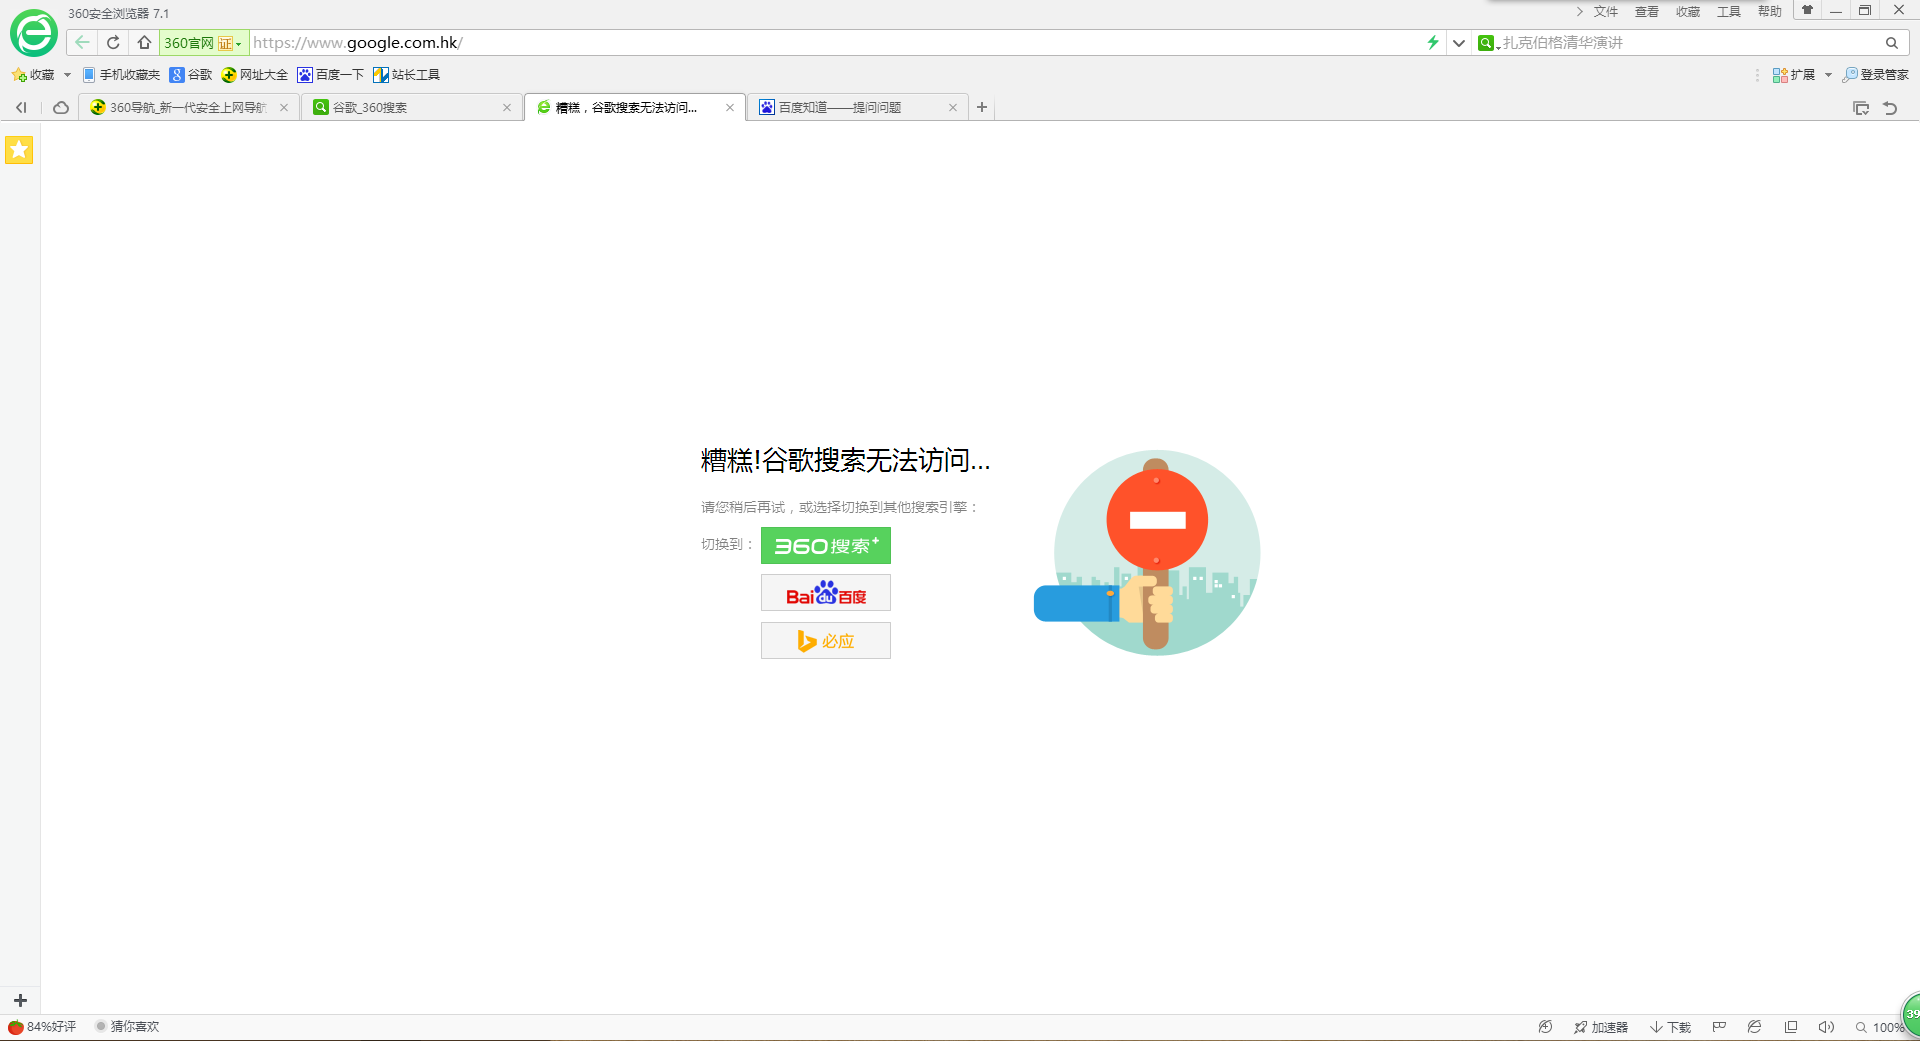 谷歌网站_类似巨鲸,谷歌音乐的网站_谷歌网站